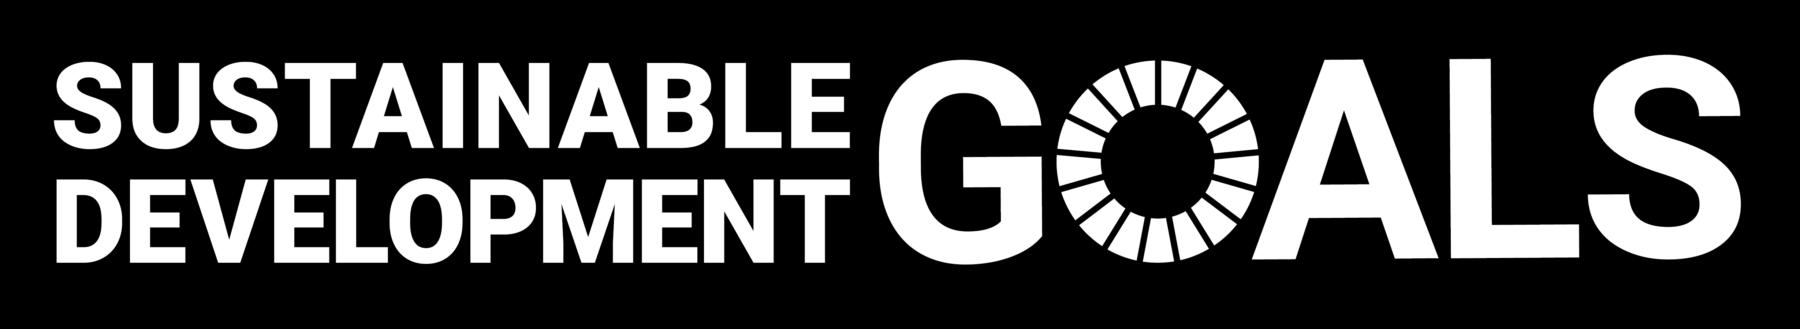 E_SDG_logo_without_UN_emblem_horizontal_white_RGB-1800x329.png